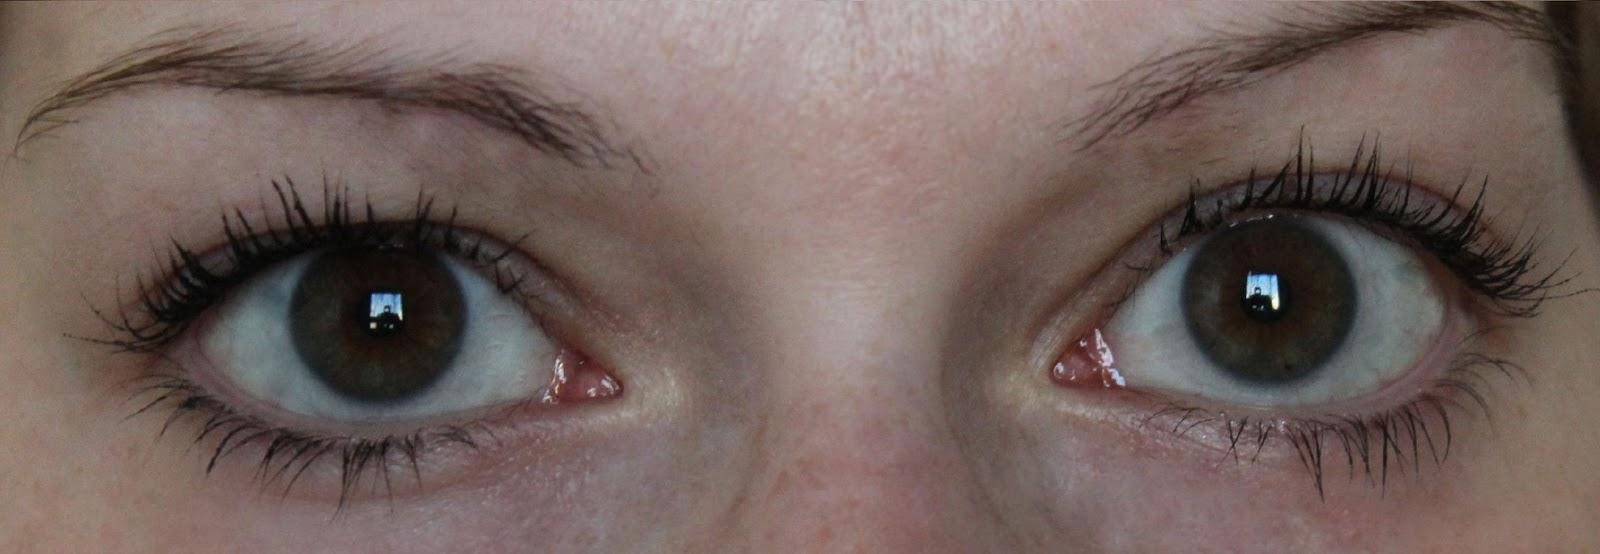 5b848766762 oben meine ungeschminkten Wimpern (mit Wimpernwelle) – unten mit LashBlack